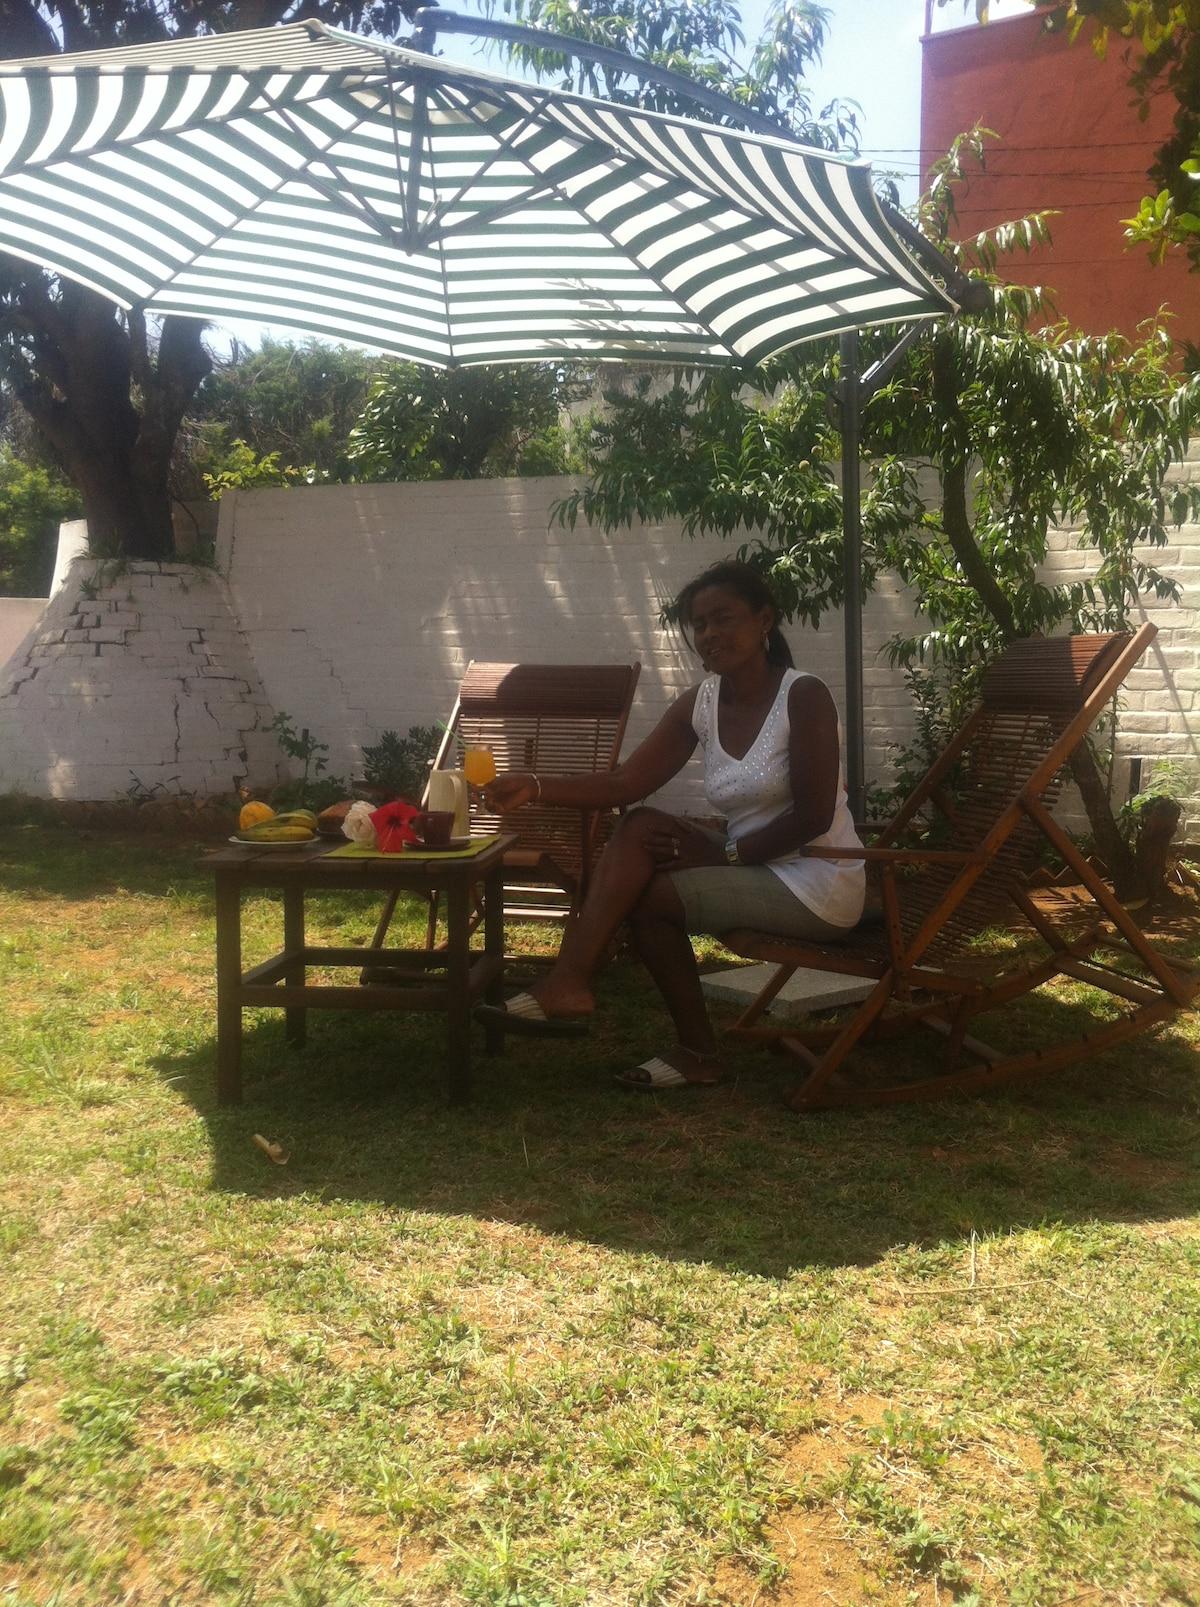 Clara from Antananarivo